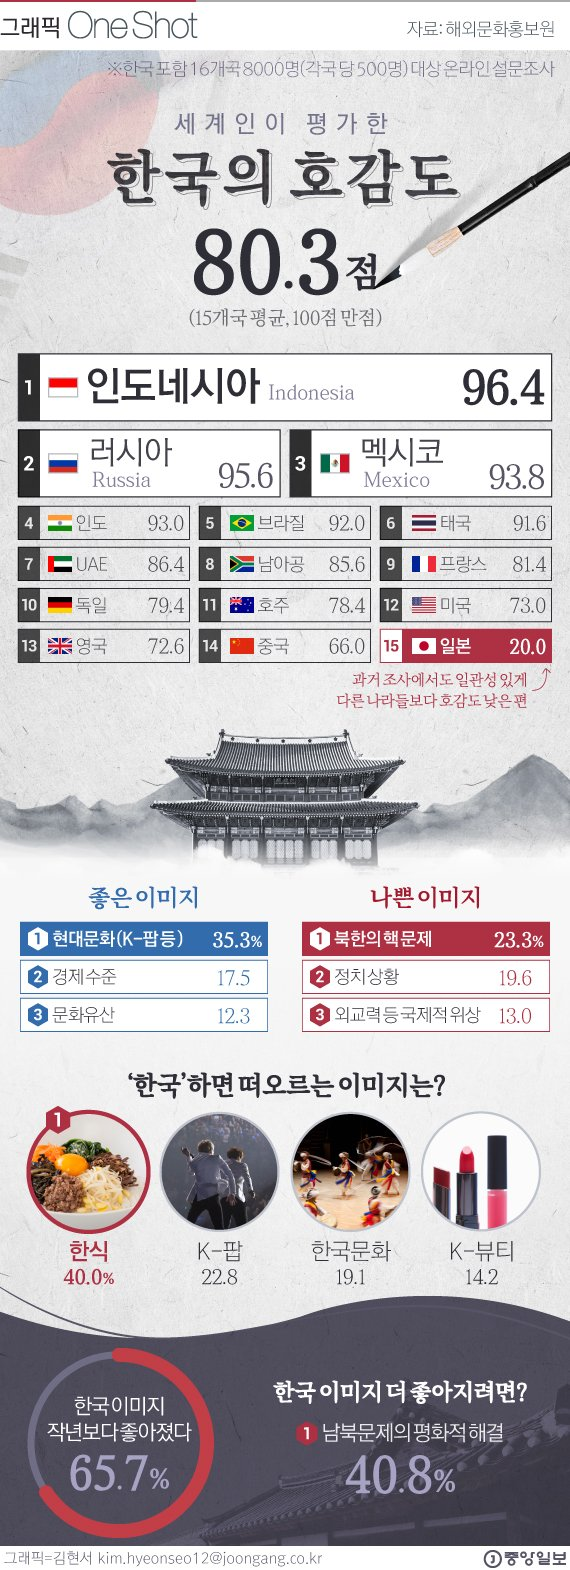 외국인이 생각하는 한국의 이미지는